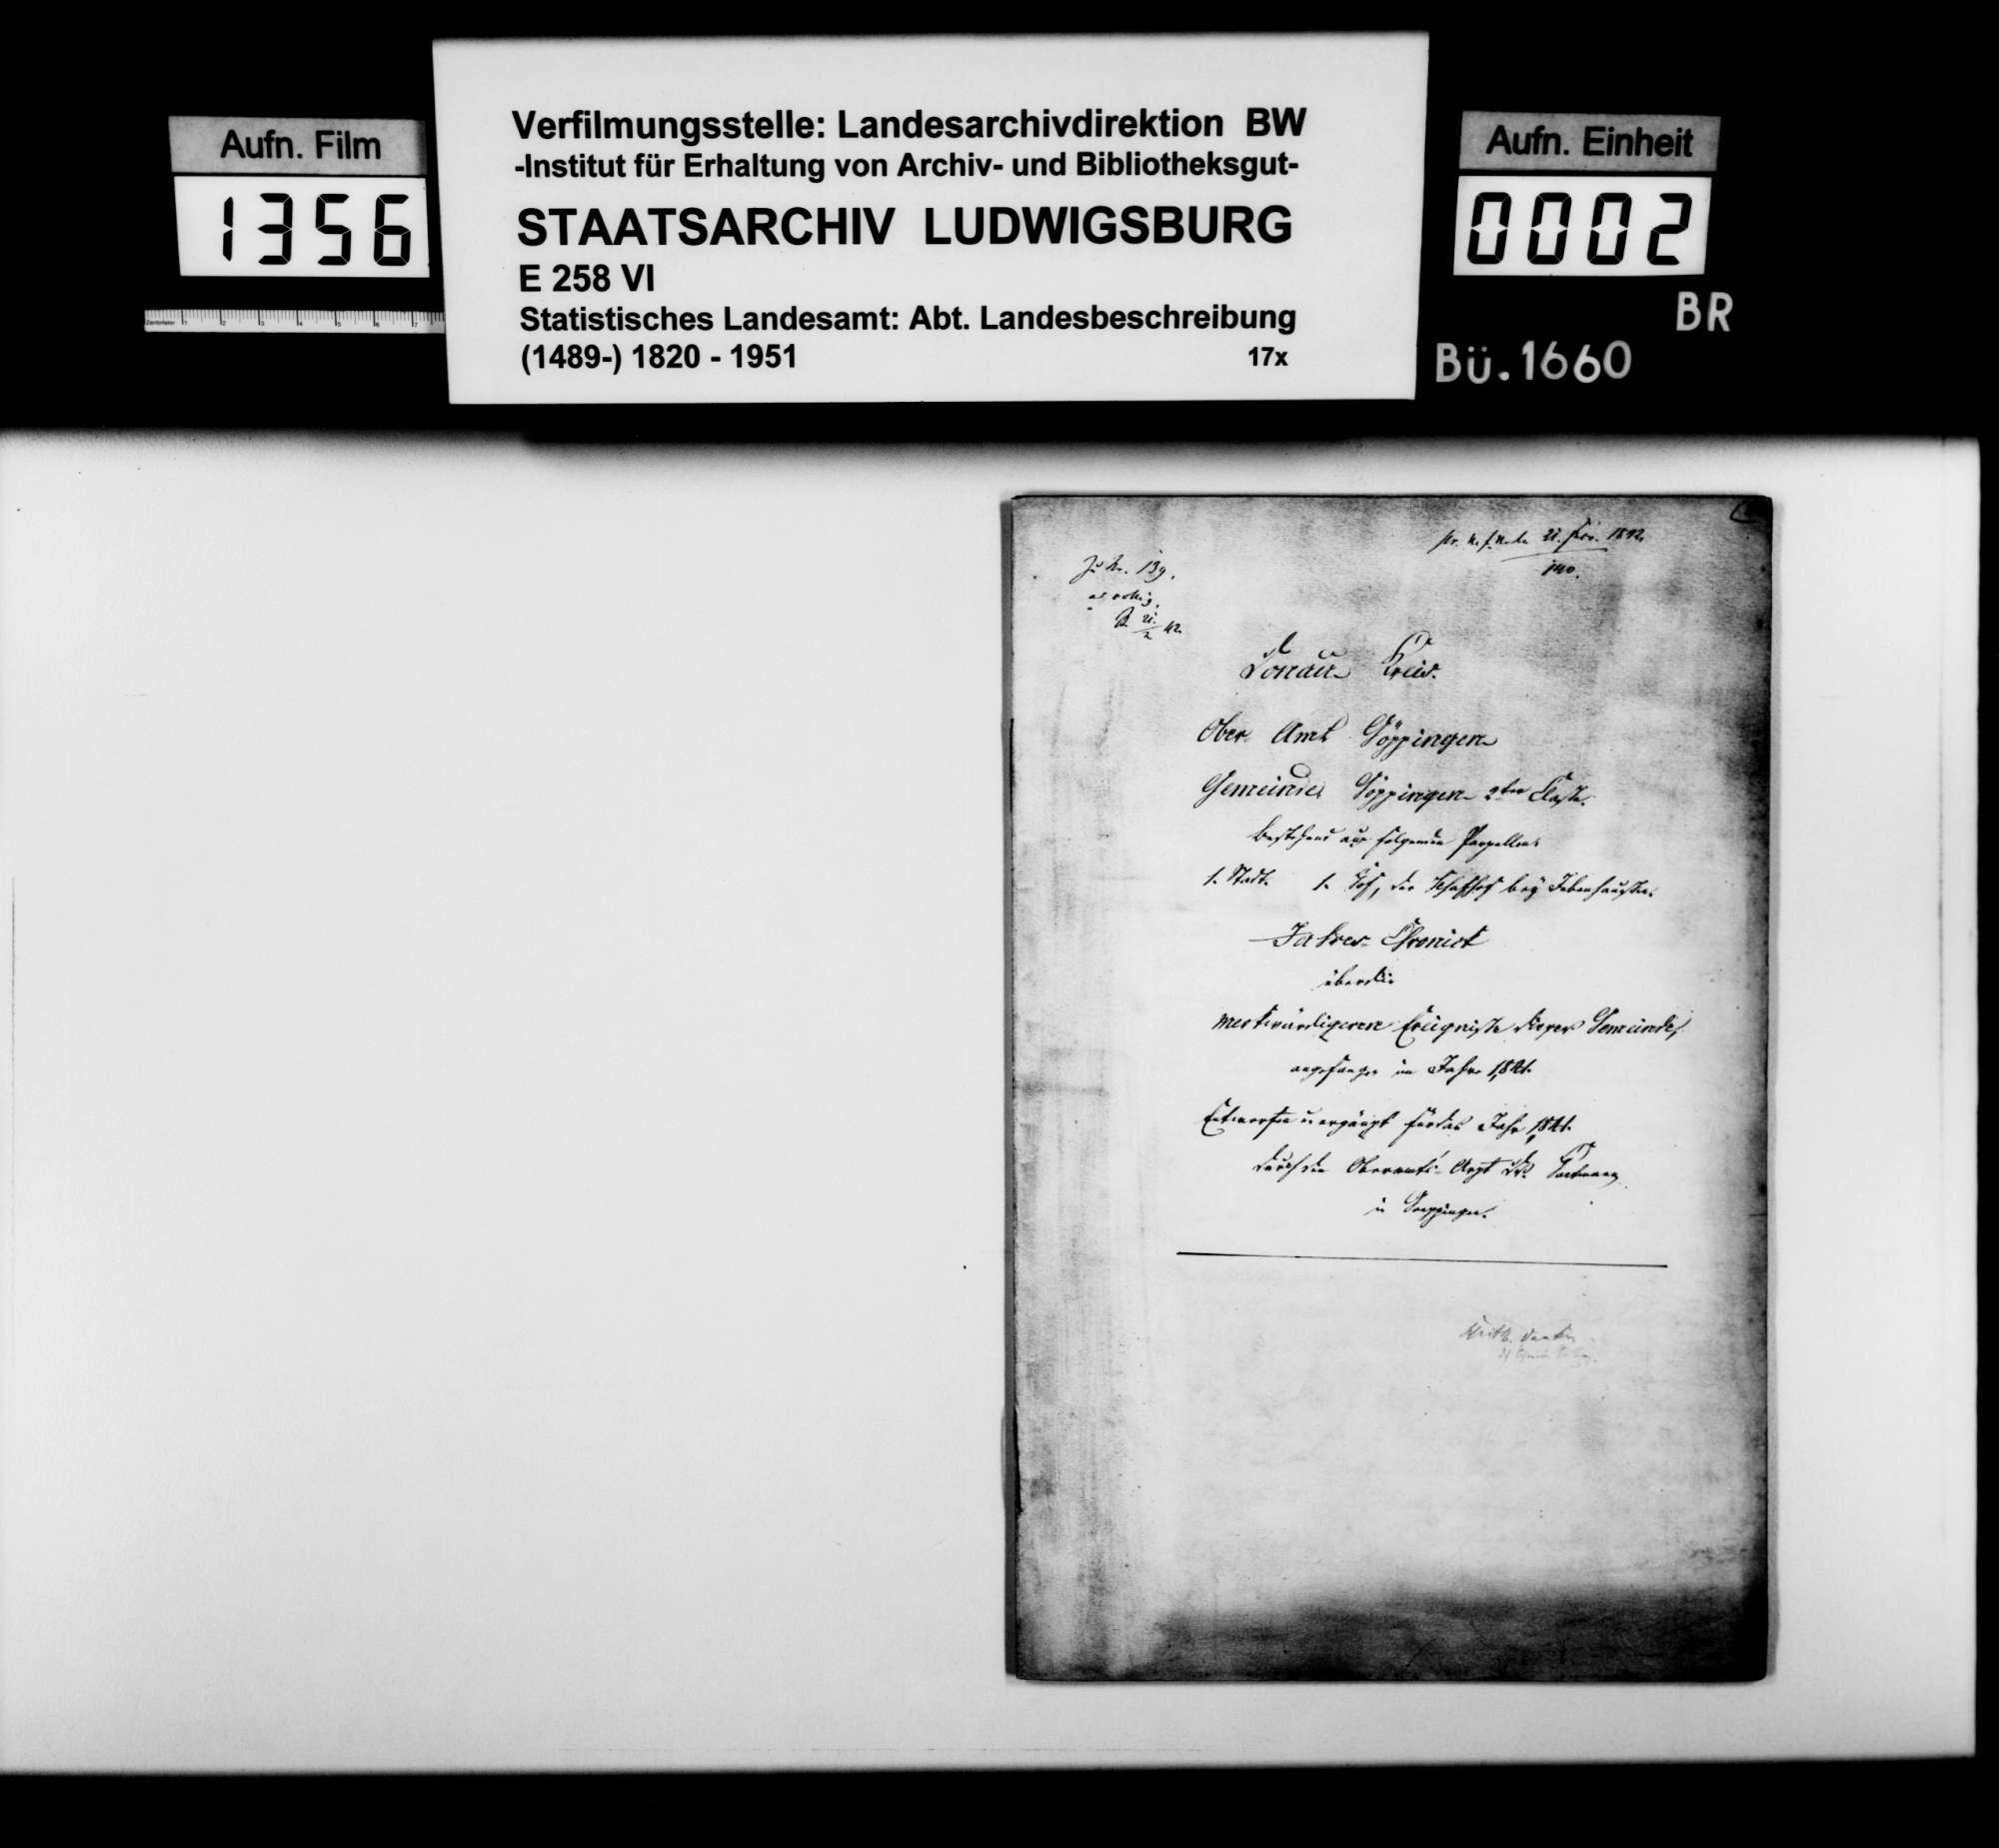 Jahreschronik der Stadt Göppingen für die Jahre 1841 und 1842, von Oberamtsarzt Dr. von Hartmann, Bild 1